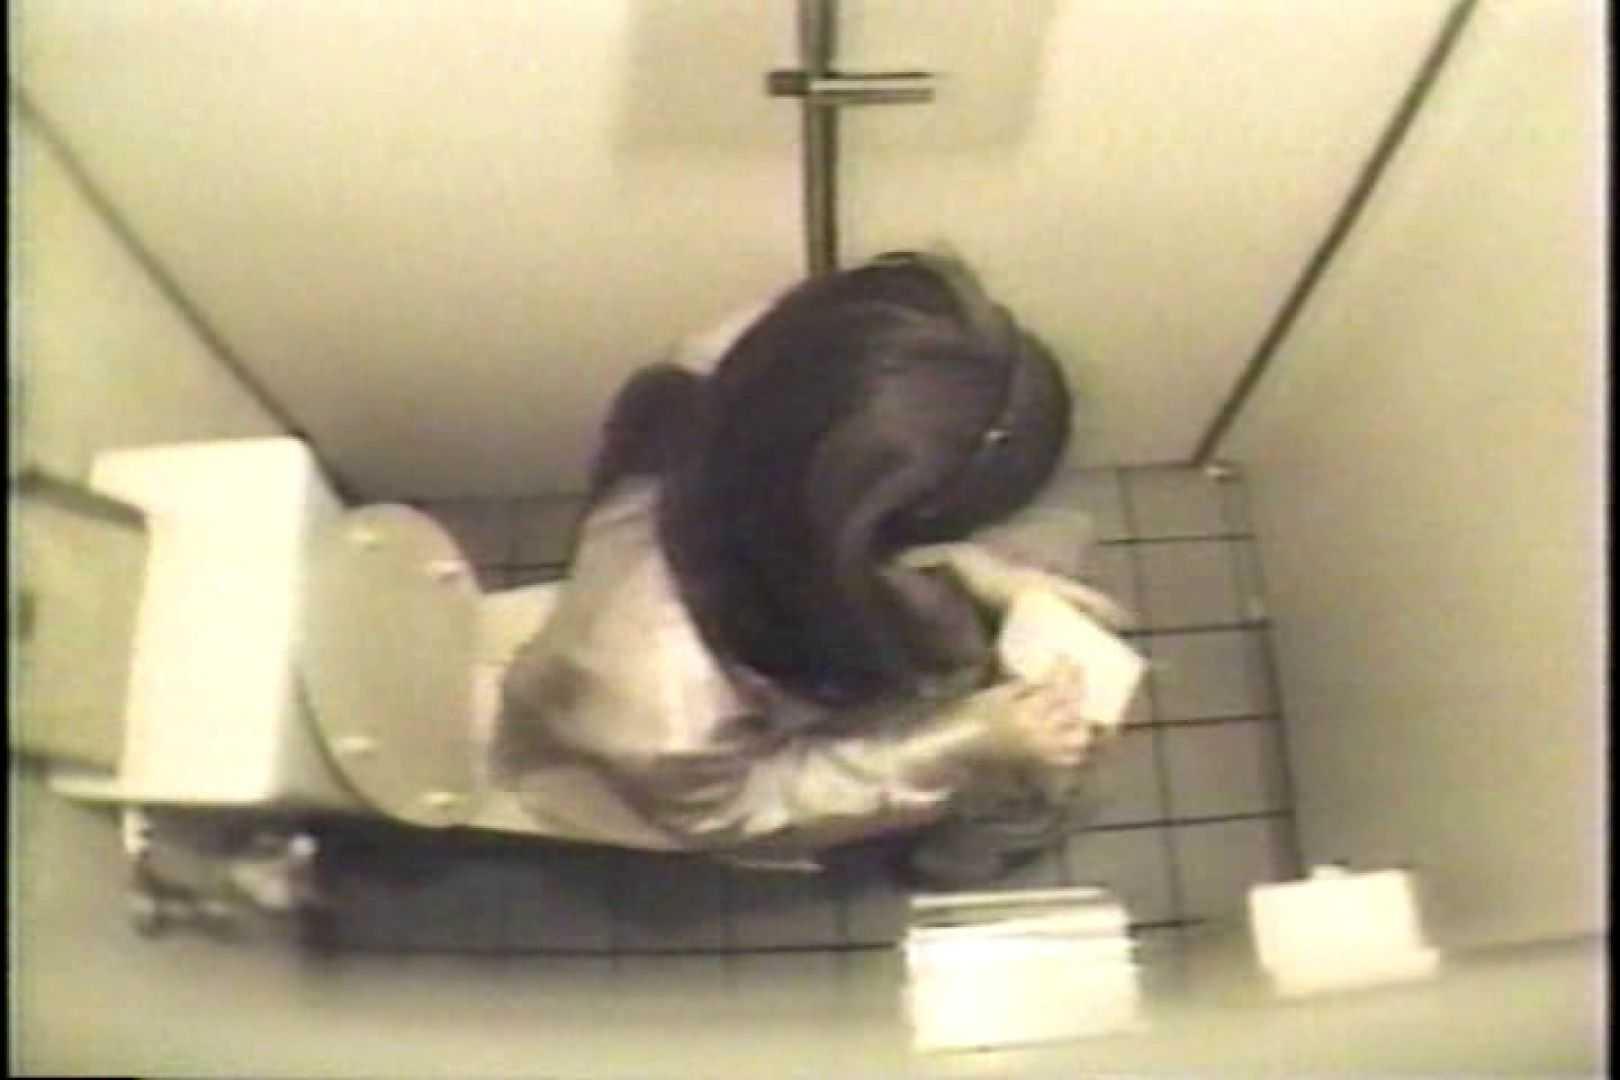 盗撮 女子洗面所3ヶ所入ってしゃがんで音出して 洗面所 オマンコ無修正動画無料 109連発 99